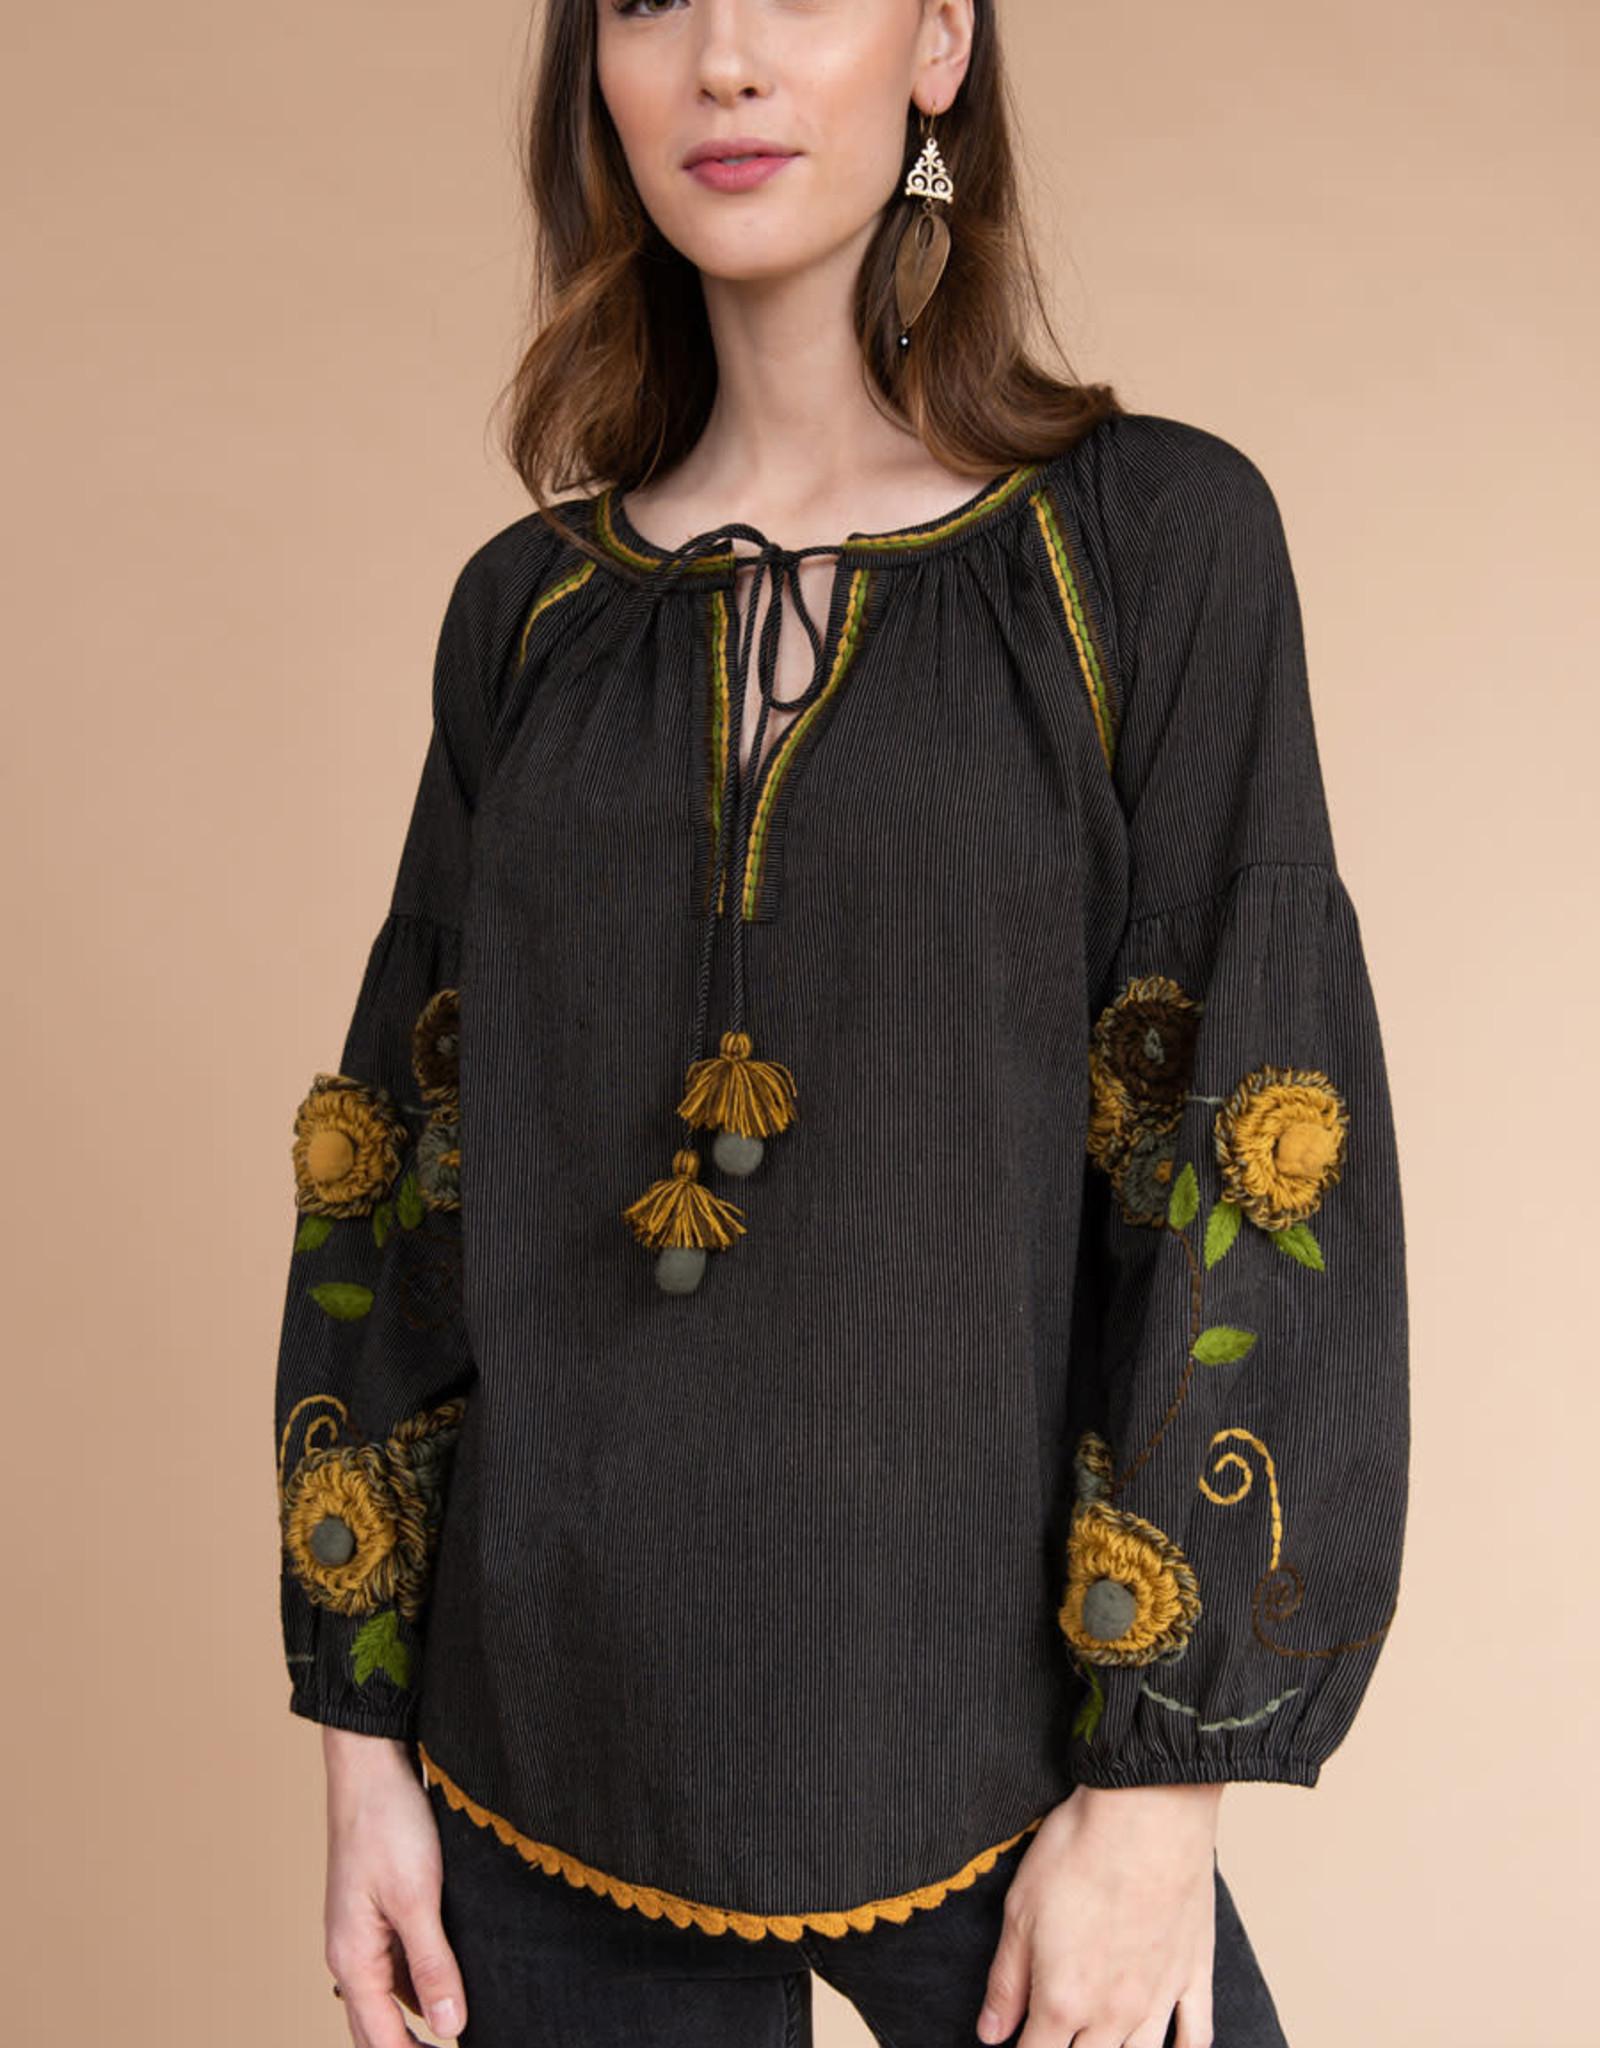 Ivy Jane Yarn Flower Sleeve Top